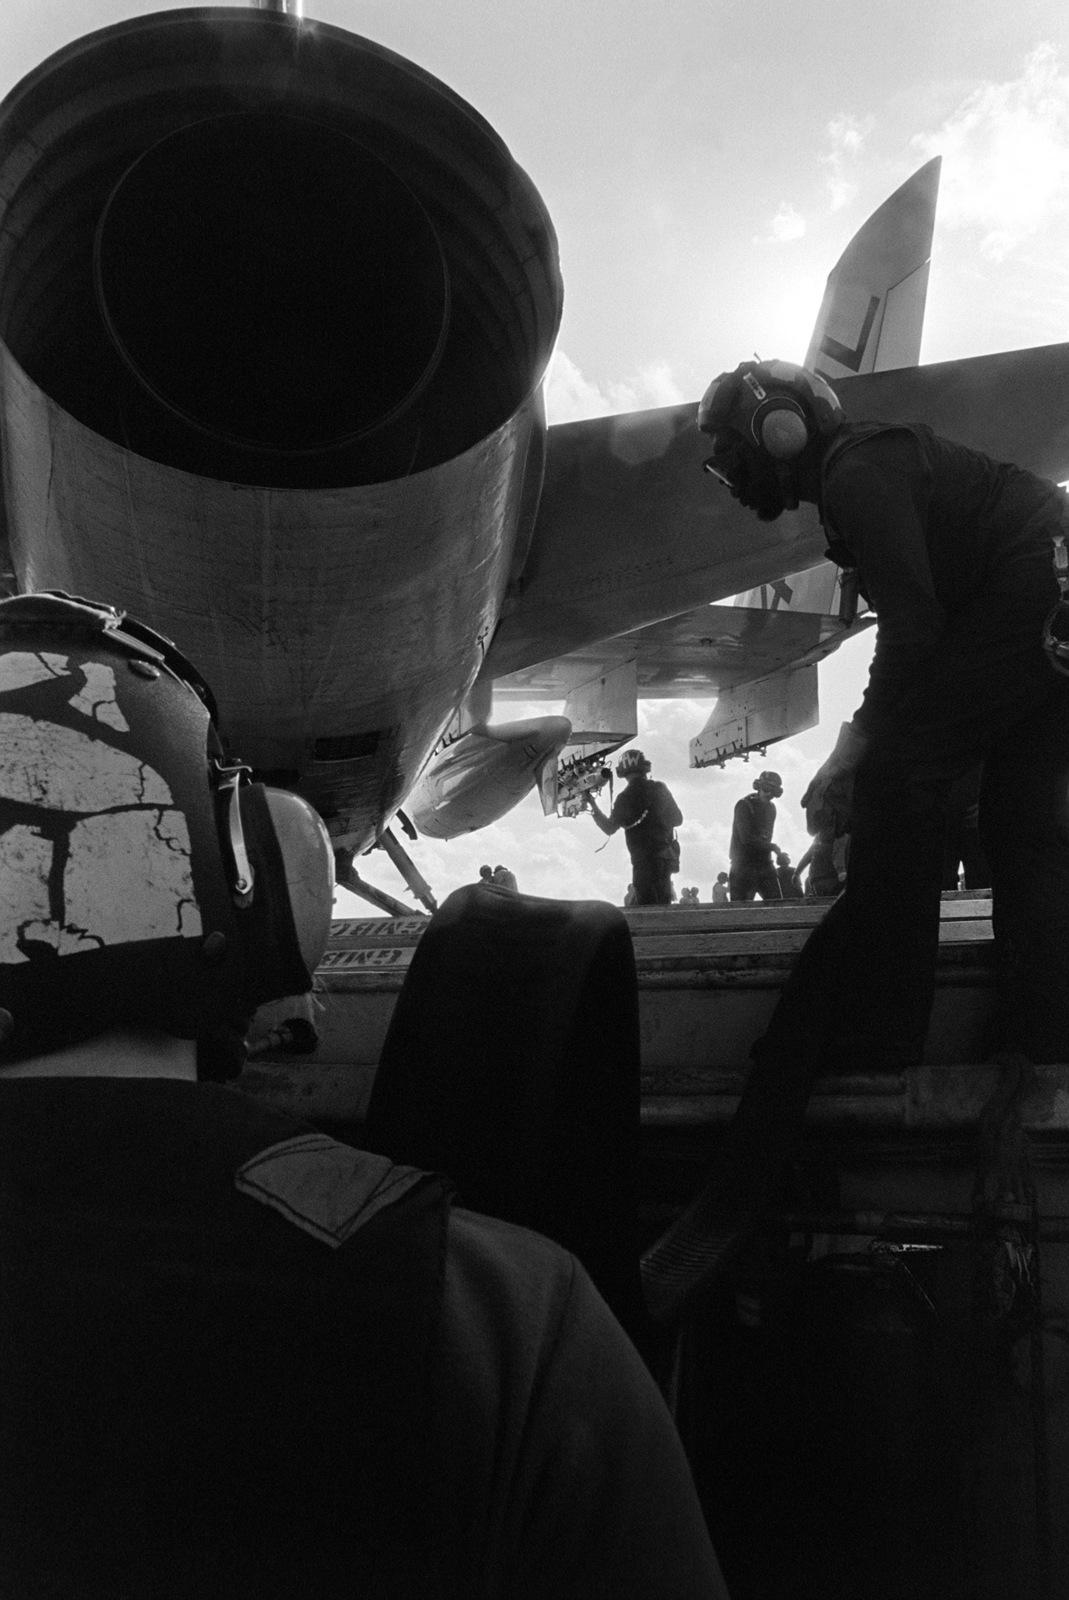 Flight deck crewmen refuel an A-7 Corsair II aircraft aboard the aircraft carrier USS KITTY HAWK (CV 63)